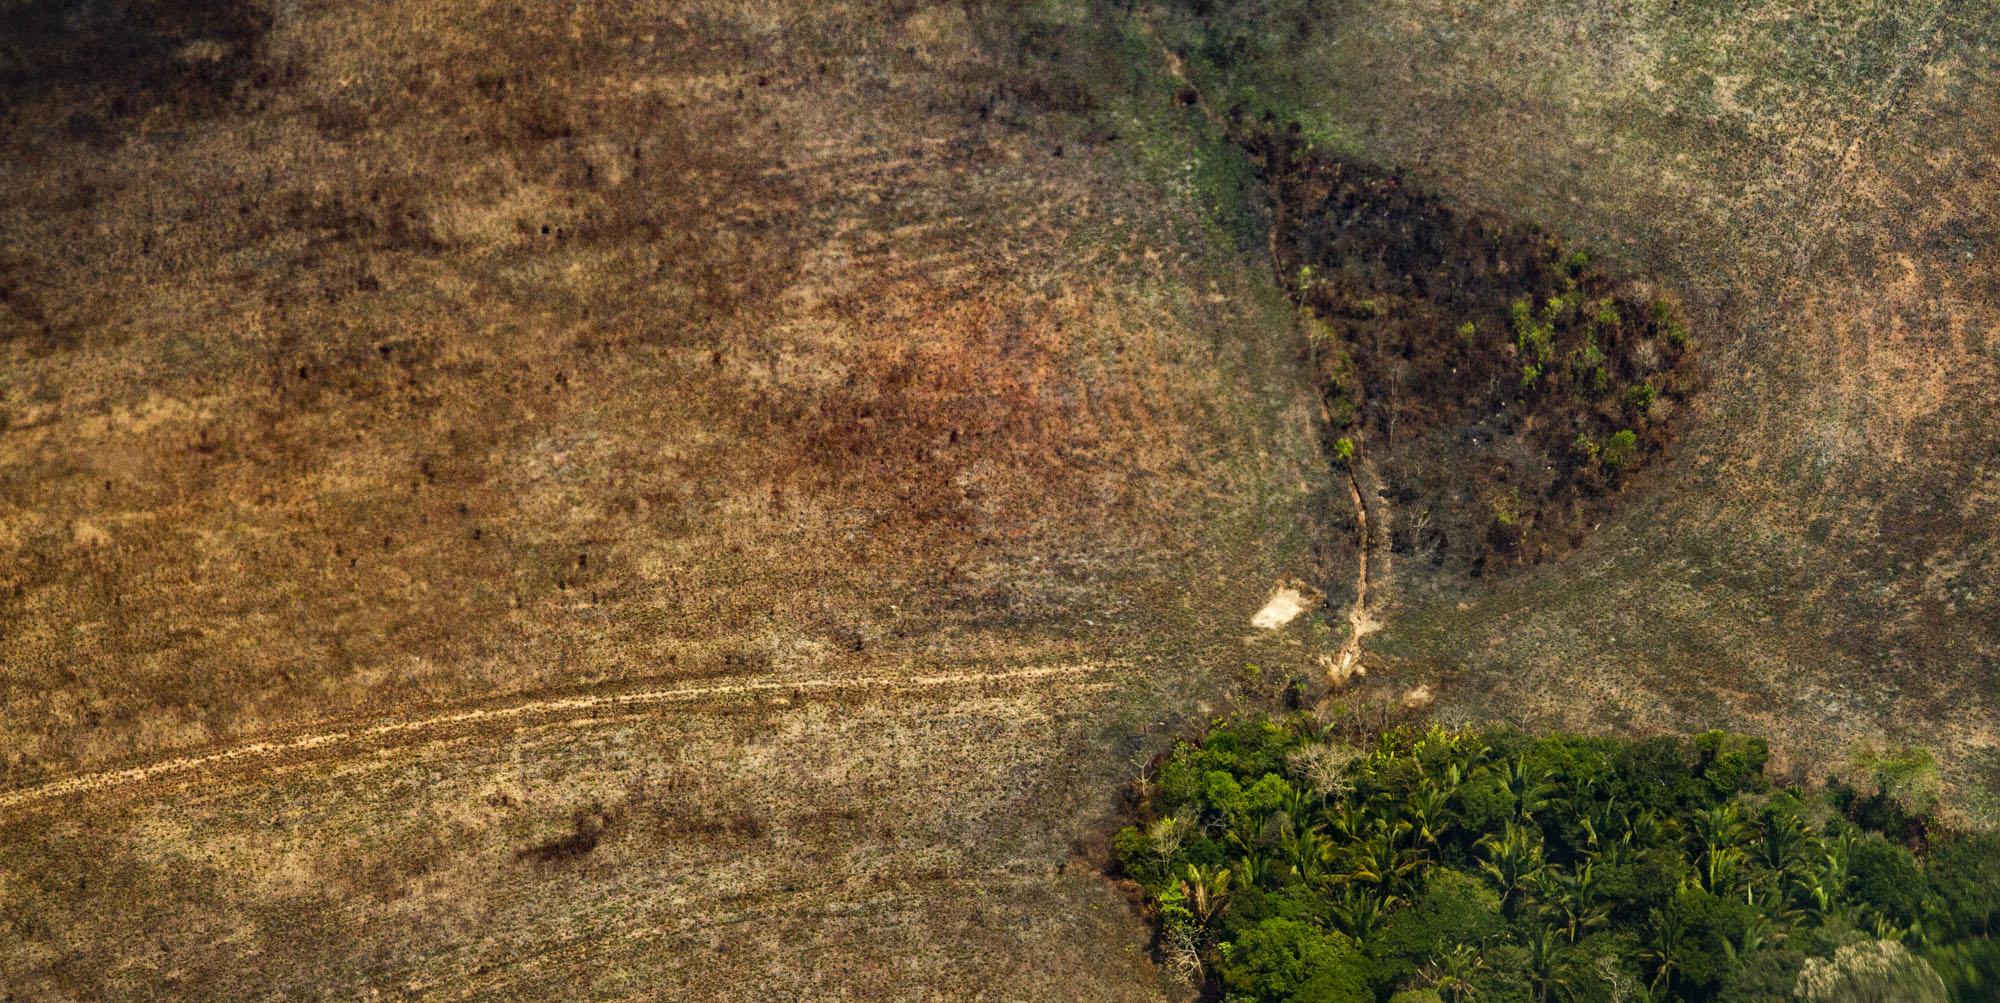 BR-319 ameaça povos indígenas 2: – O pano de fundo